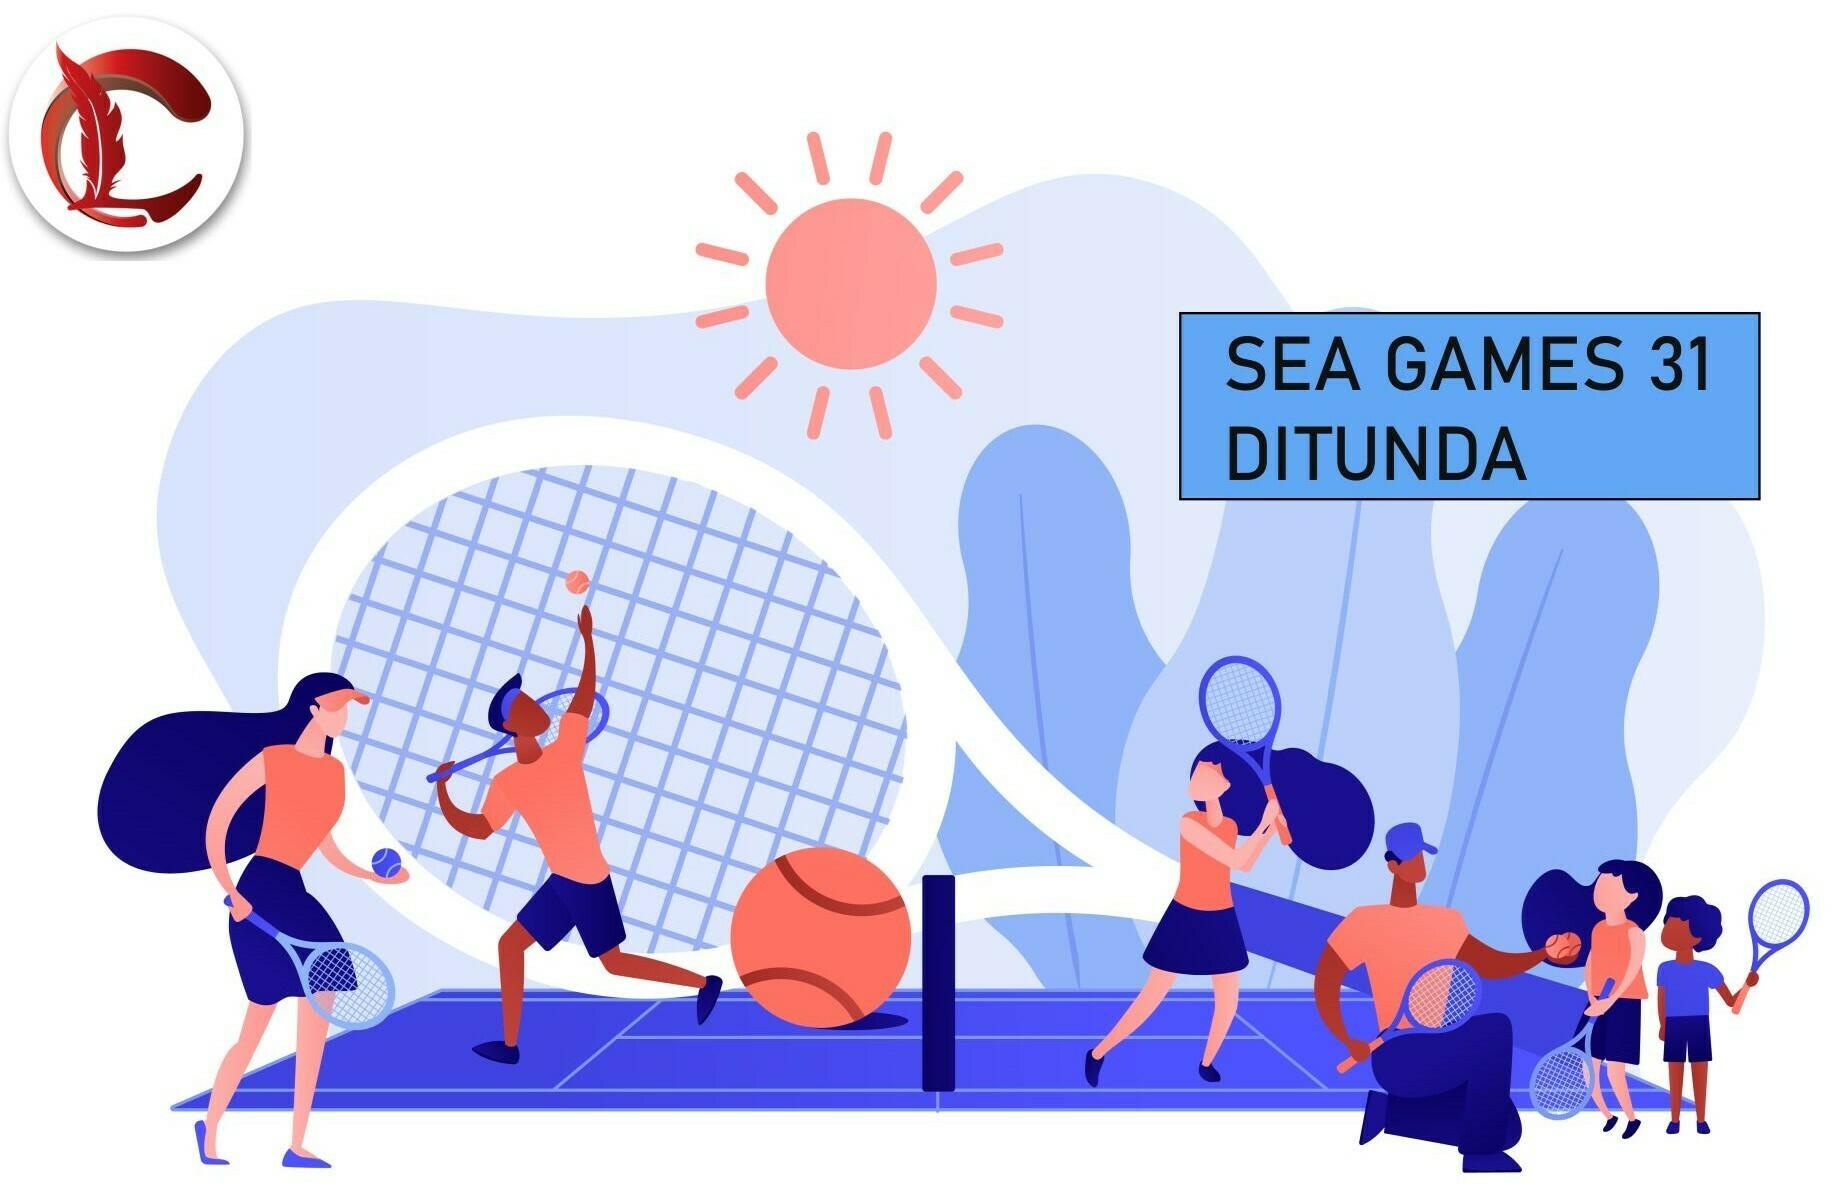 ILUSTRASI: Pesta olahraga Asia Tenggara SEA Games 31 di Vietnam ditunda hingga tahun depan. (ISTIMEWA/LINGKAR.CO)